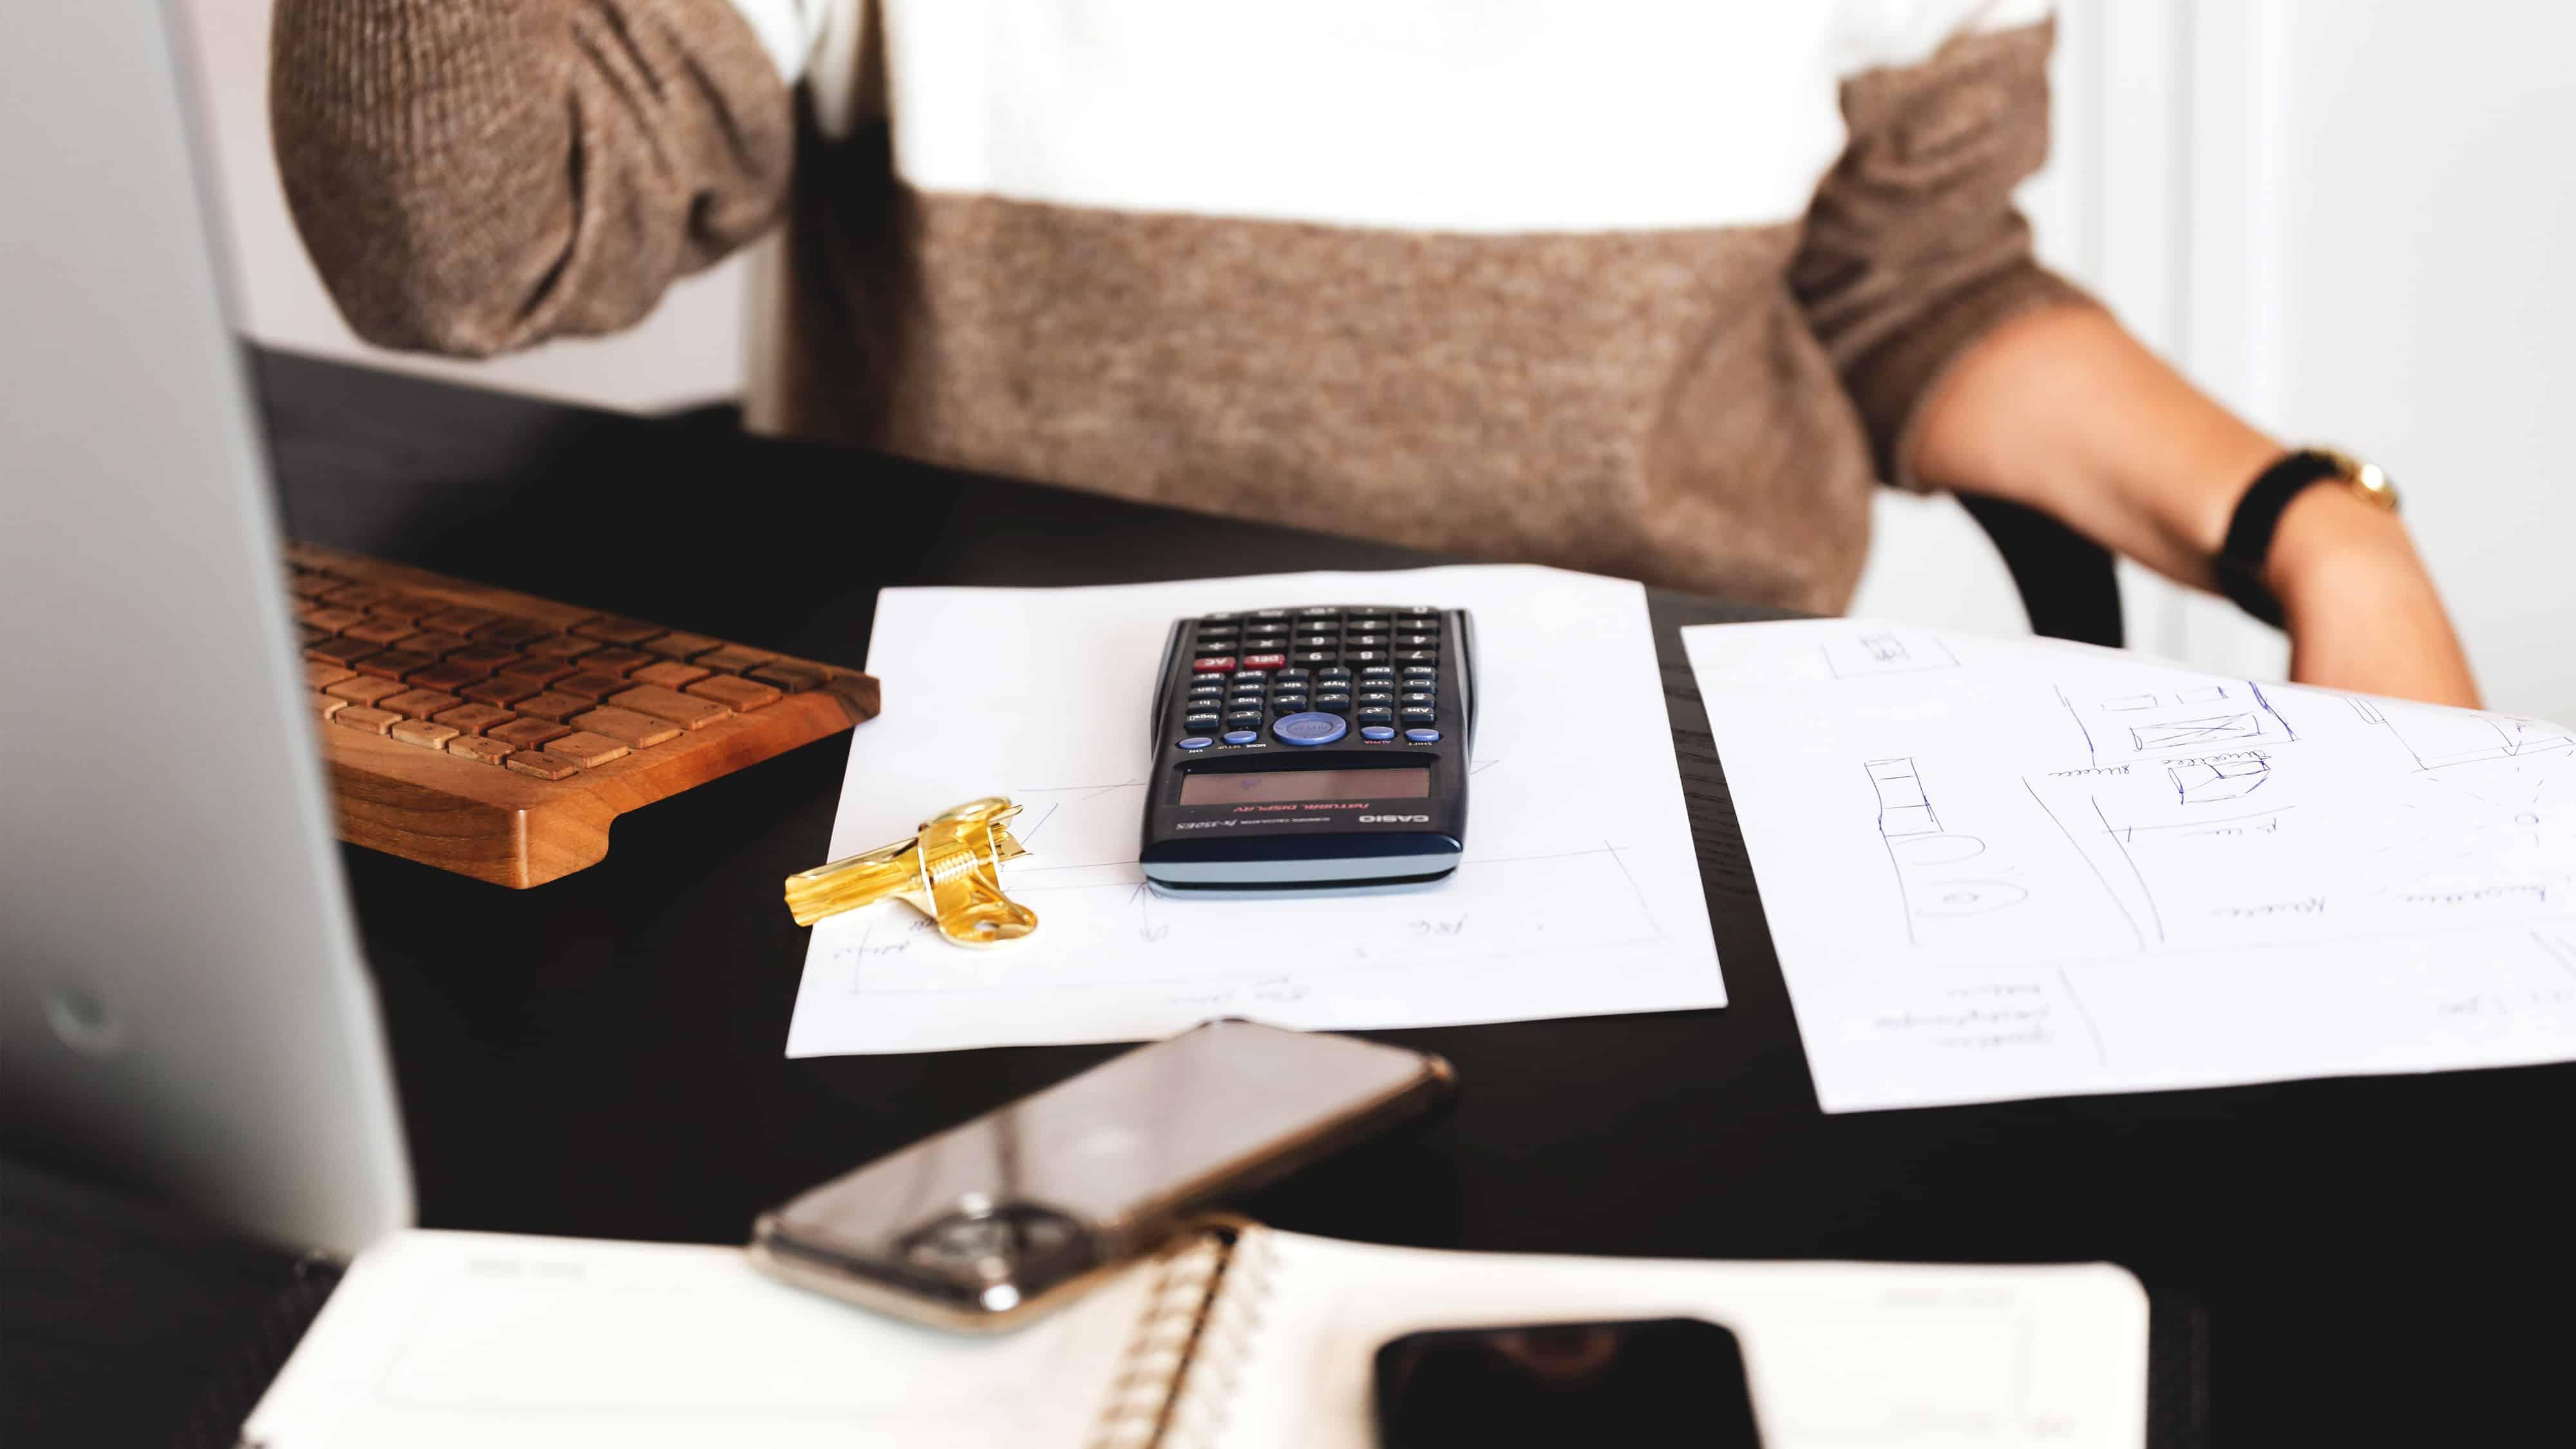 Waarom Het Belangrijk Is Uw Debiteurenbeheer Op Orde Te Hebben | Blog | Credit Care